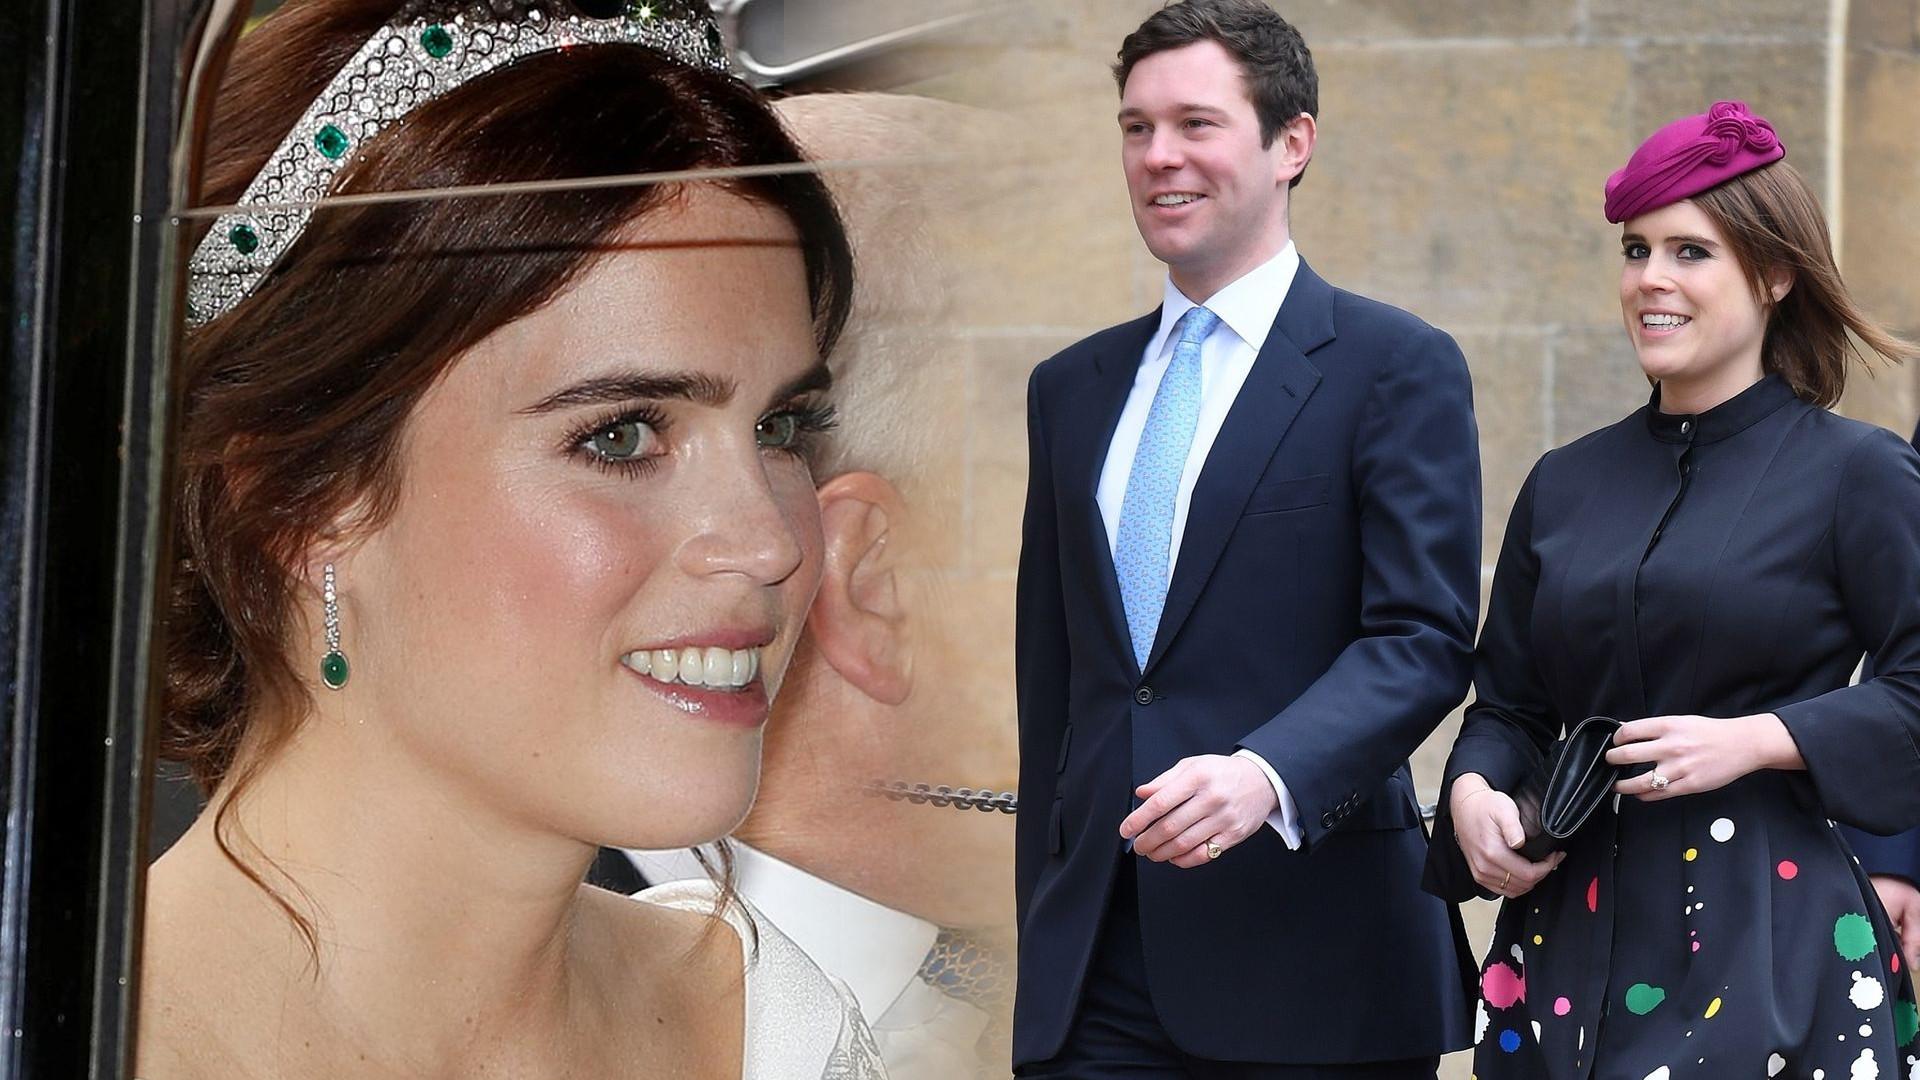 Już niedługo pałac ogłosi CIĄŻĘ księżniczki Eugenii?